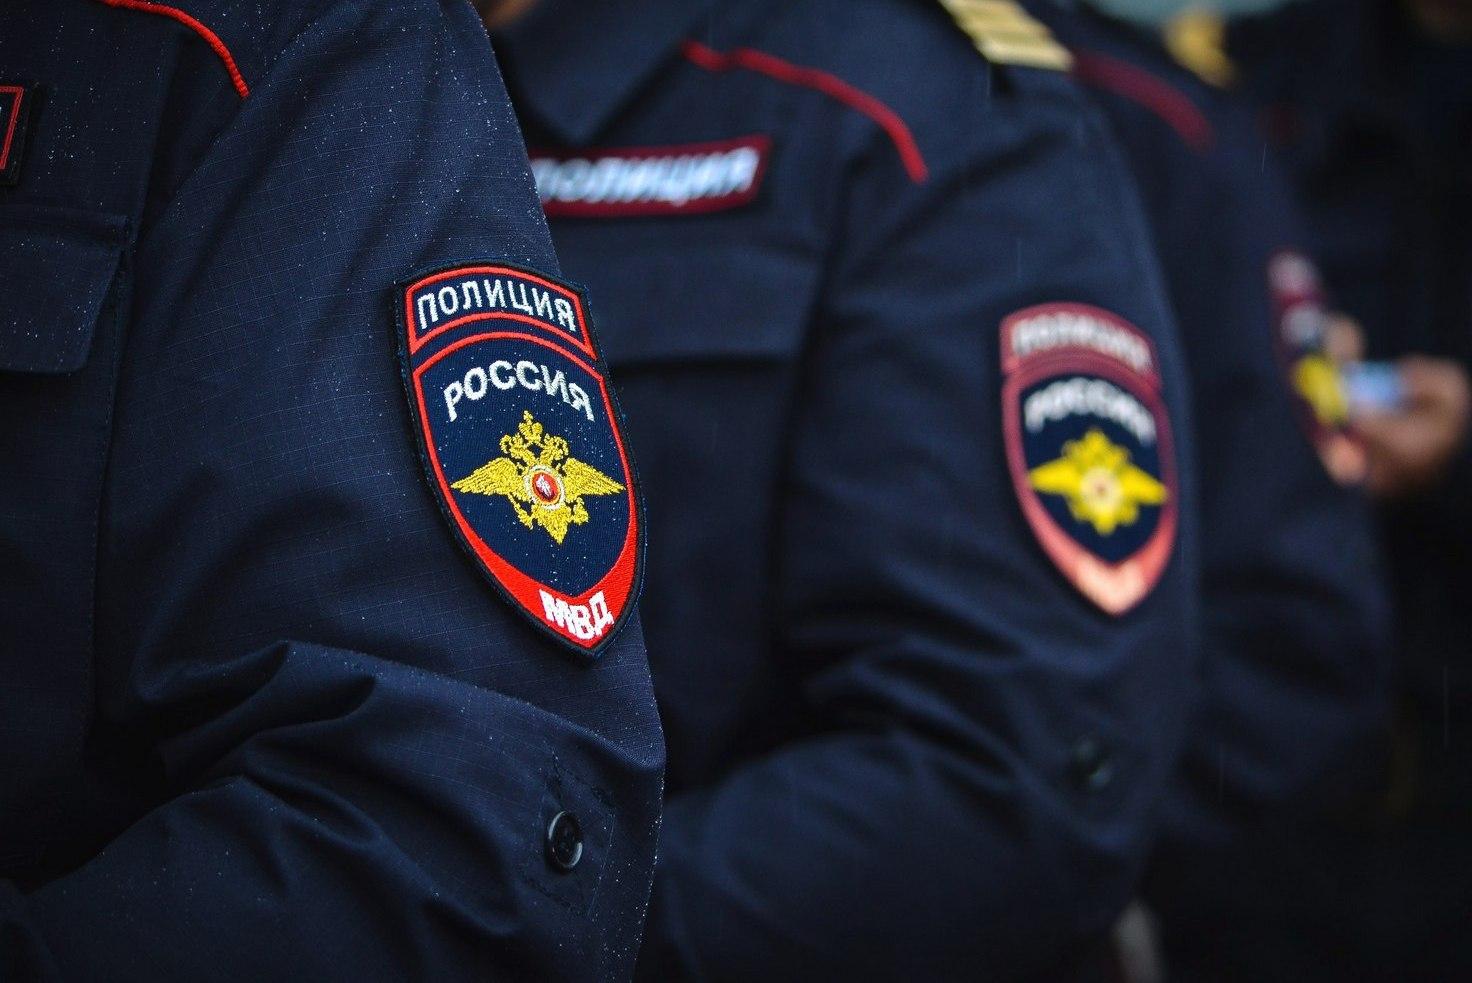 Чеченский полицейский насмерть забил спецназовца из Карелии во время повышения квалификации